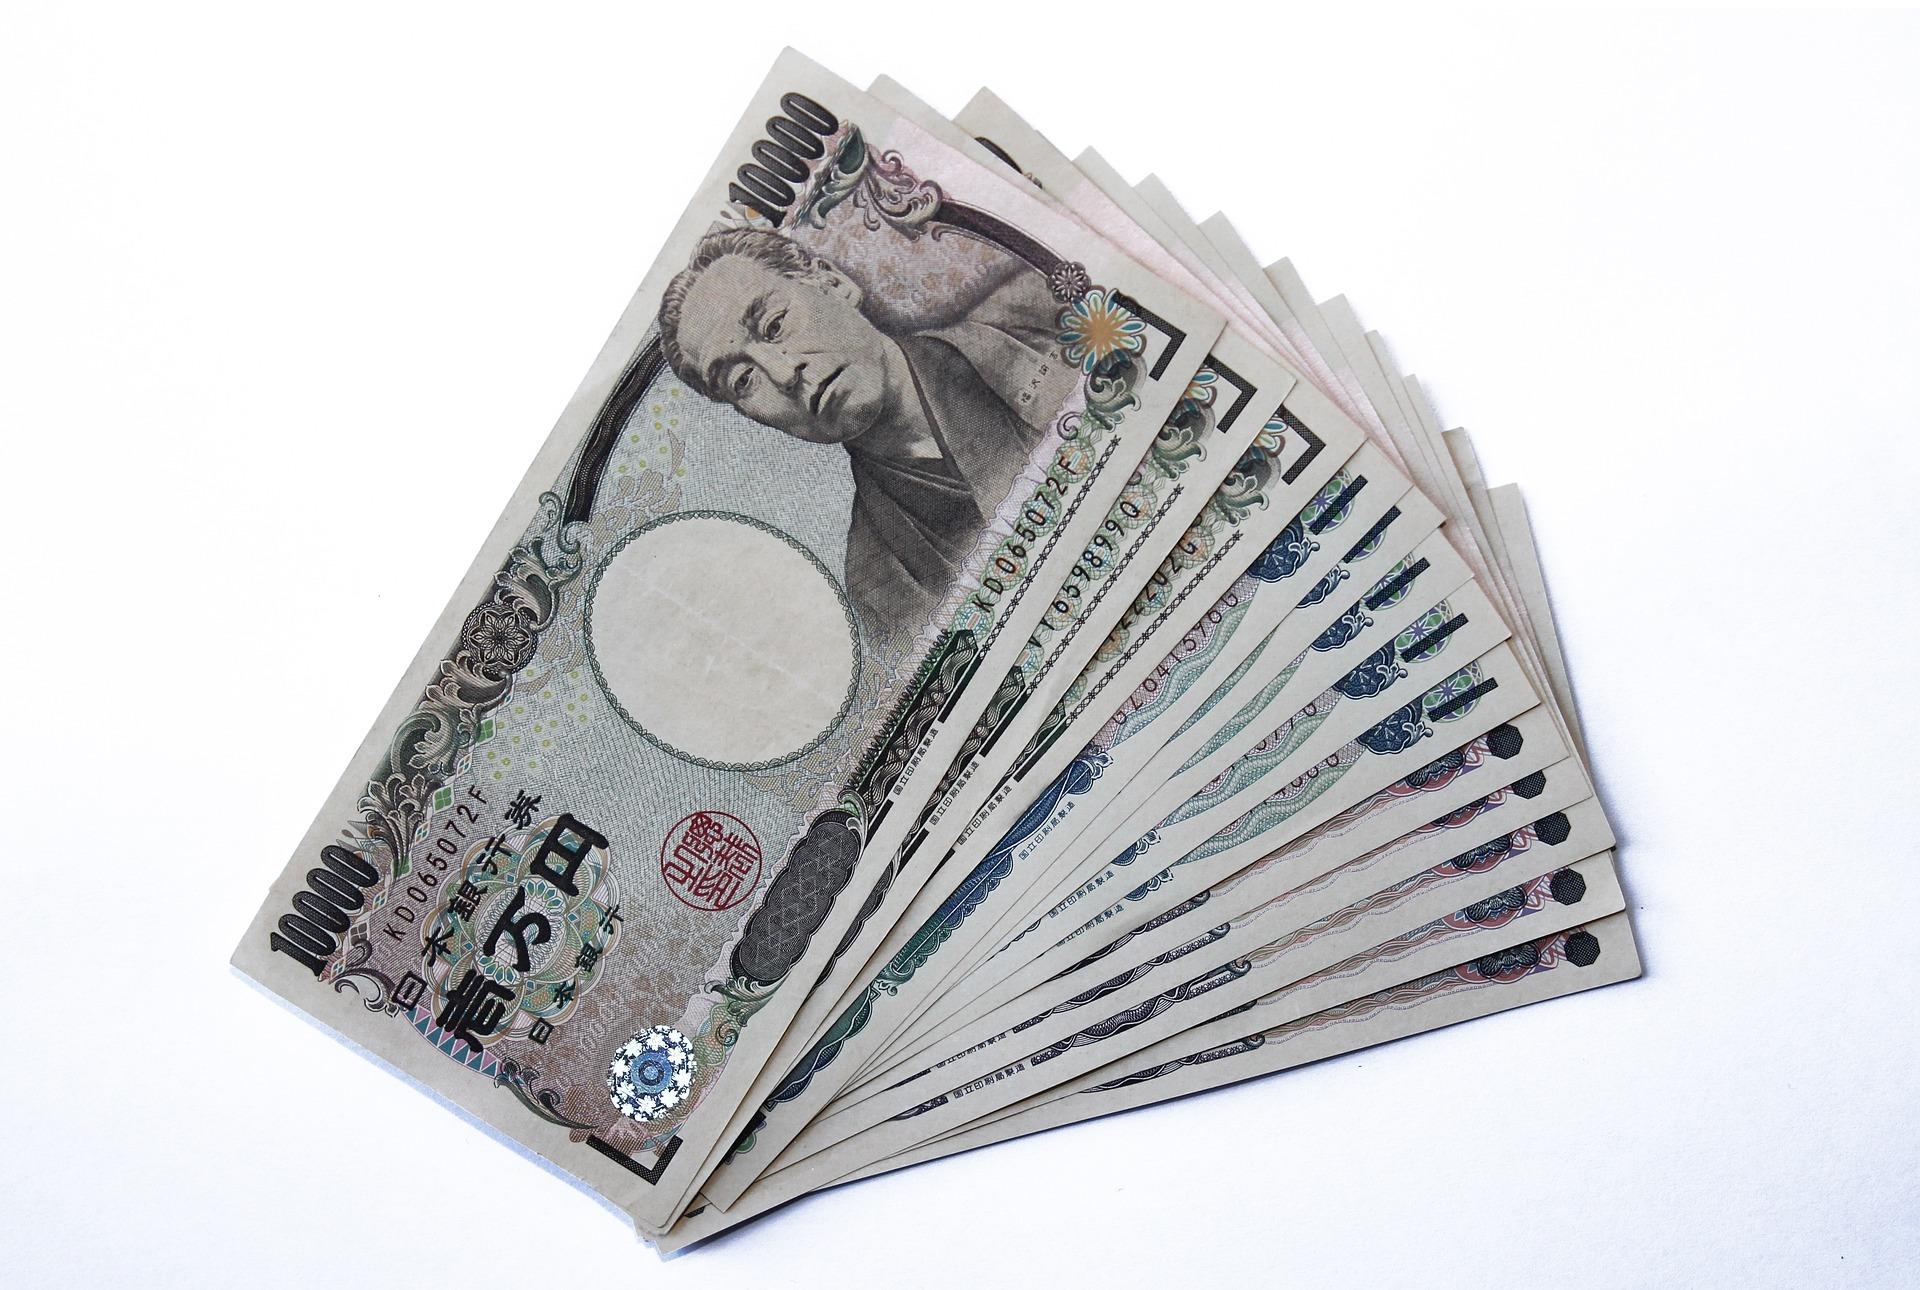 年號更改也有商機?日本「令和」讓這3個產業受惠最大